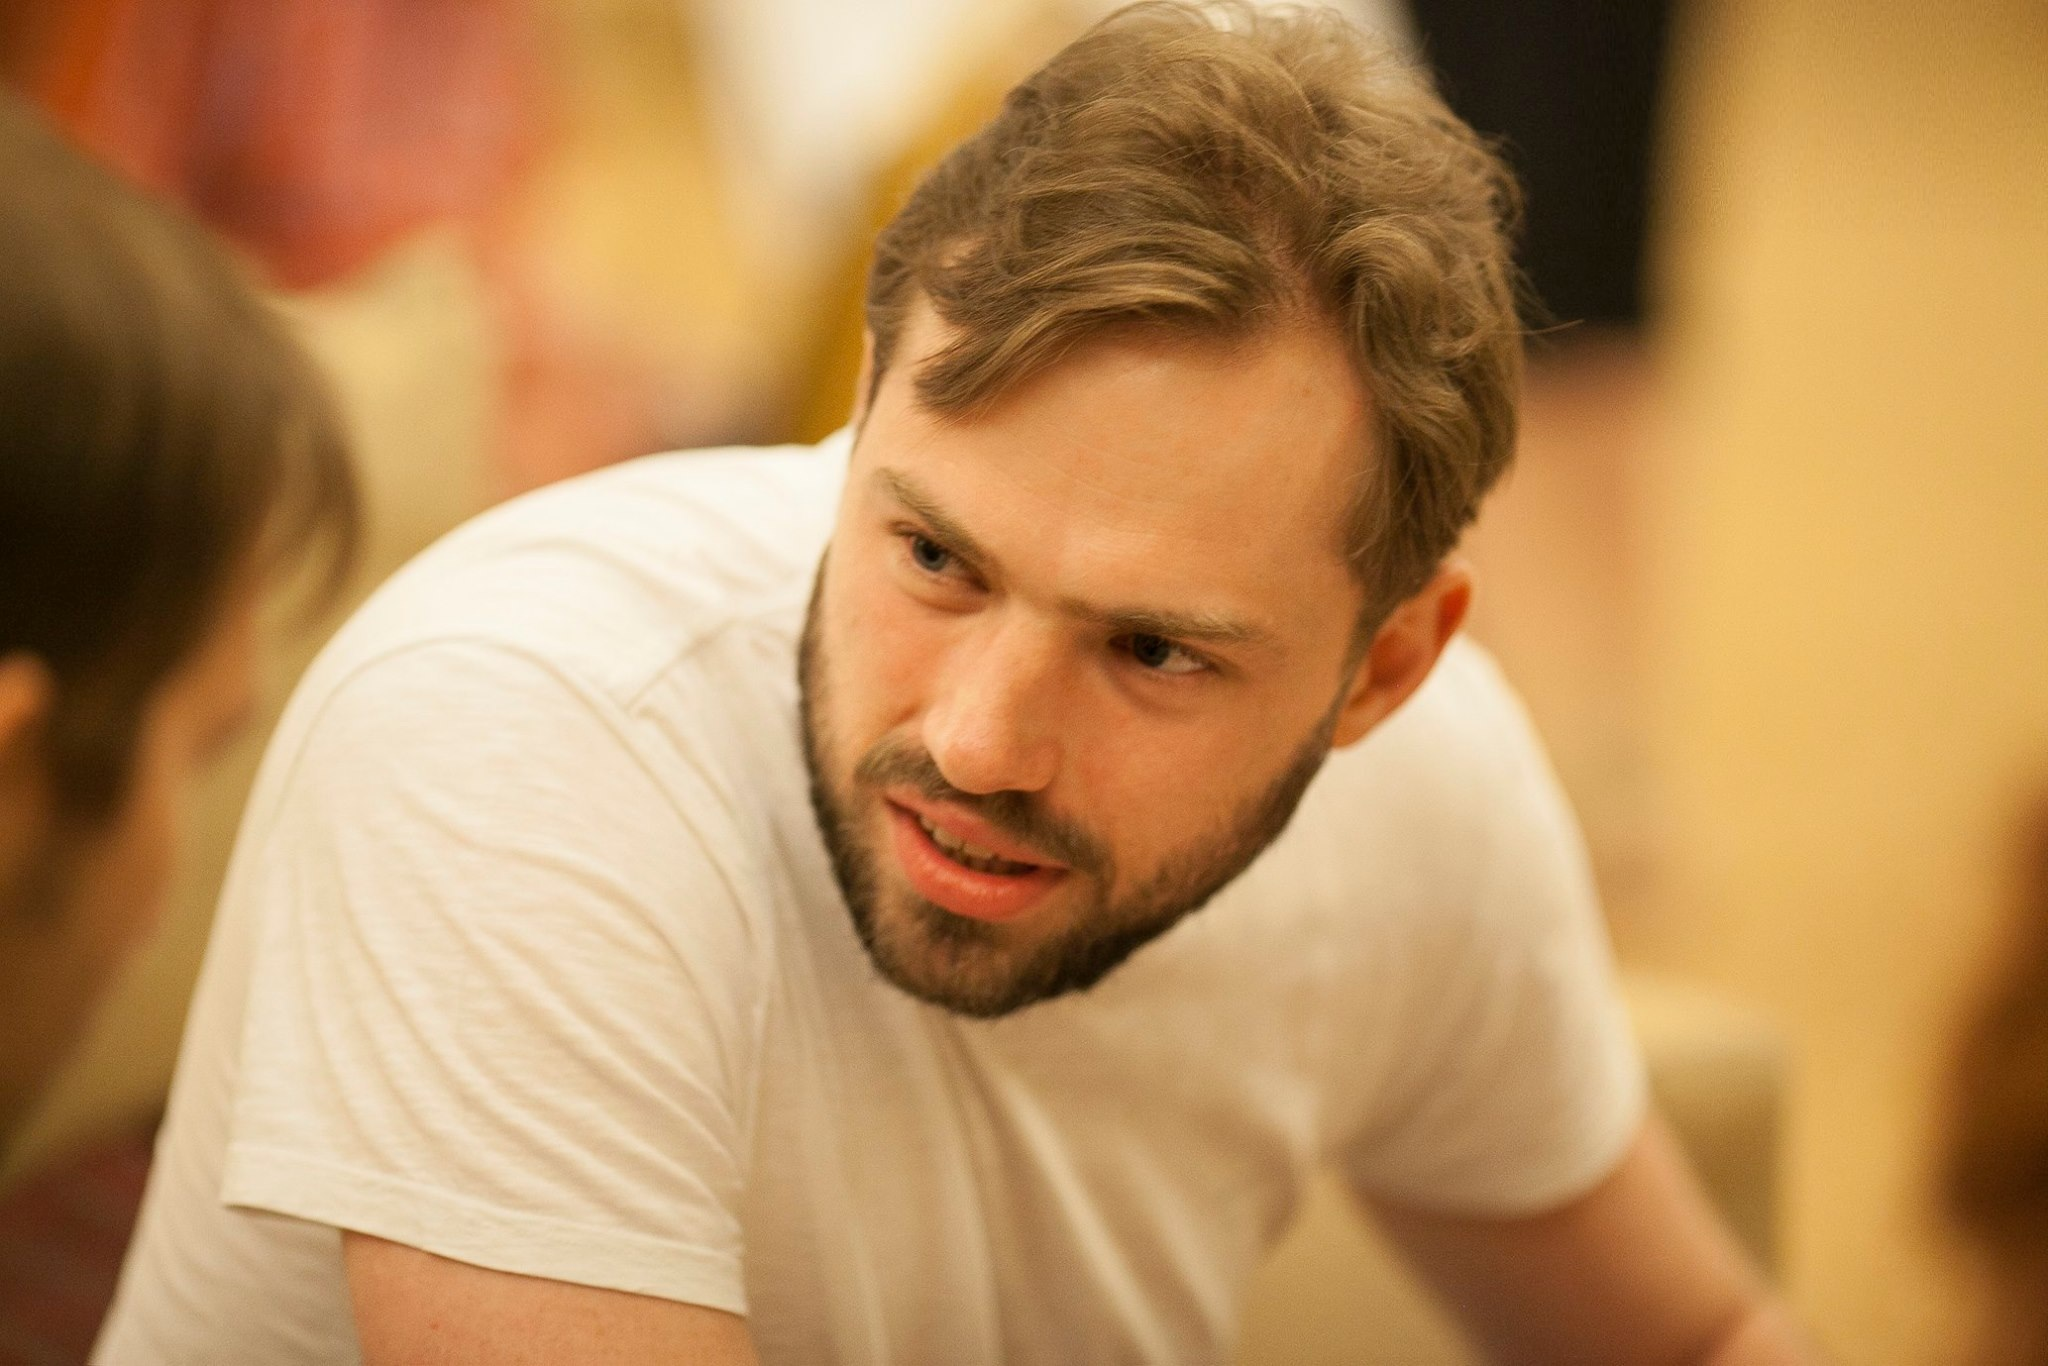 Иван Демидов: «Сомневаюсь в успехе новой игры на PokerStars»